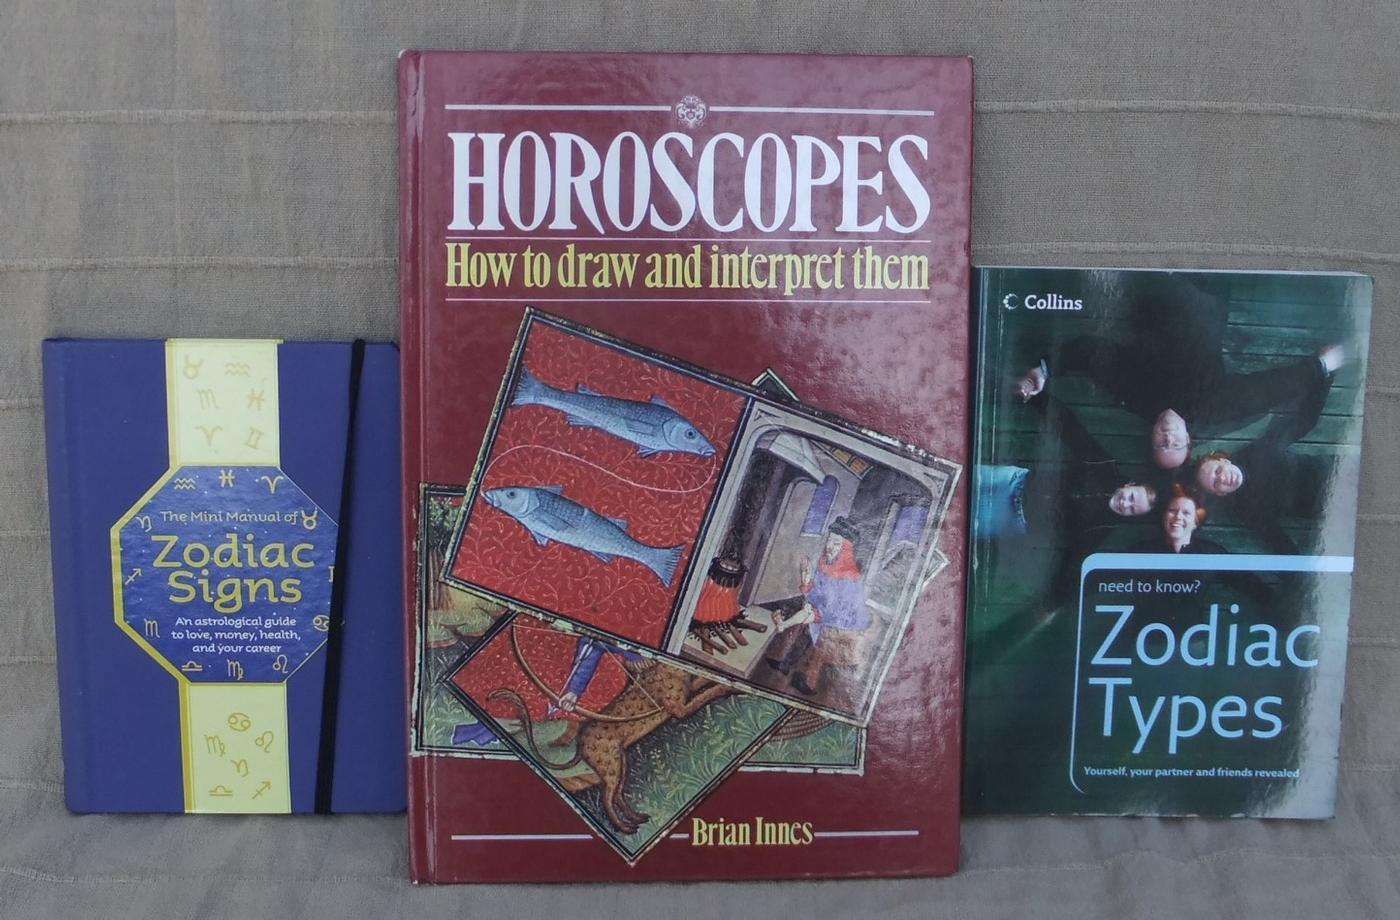 Zodiac / Horoscope Books